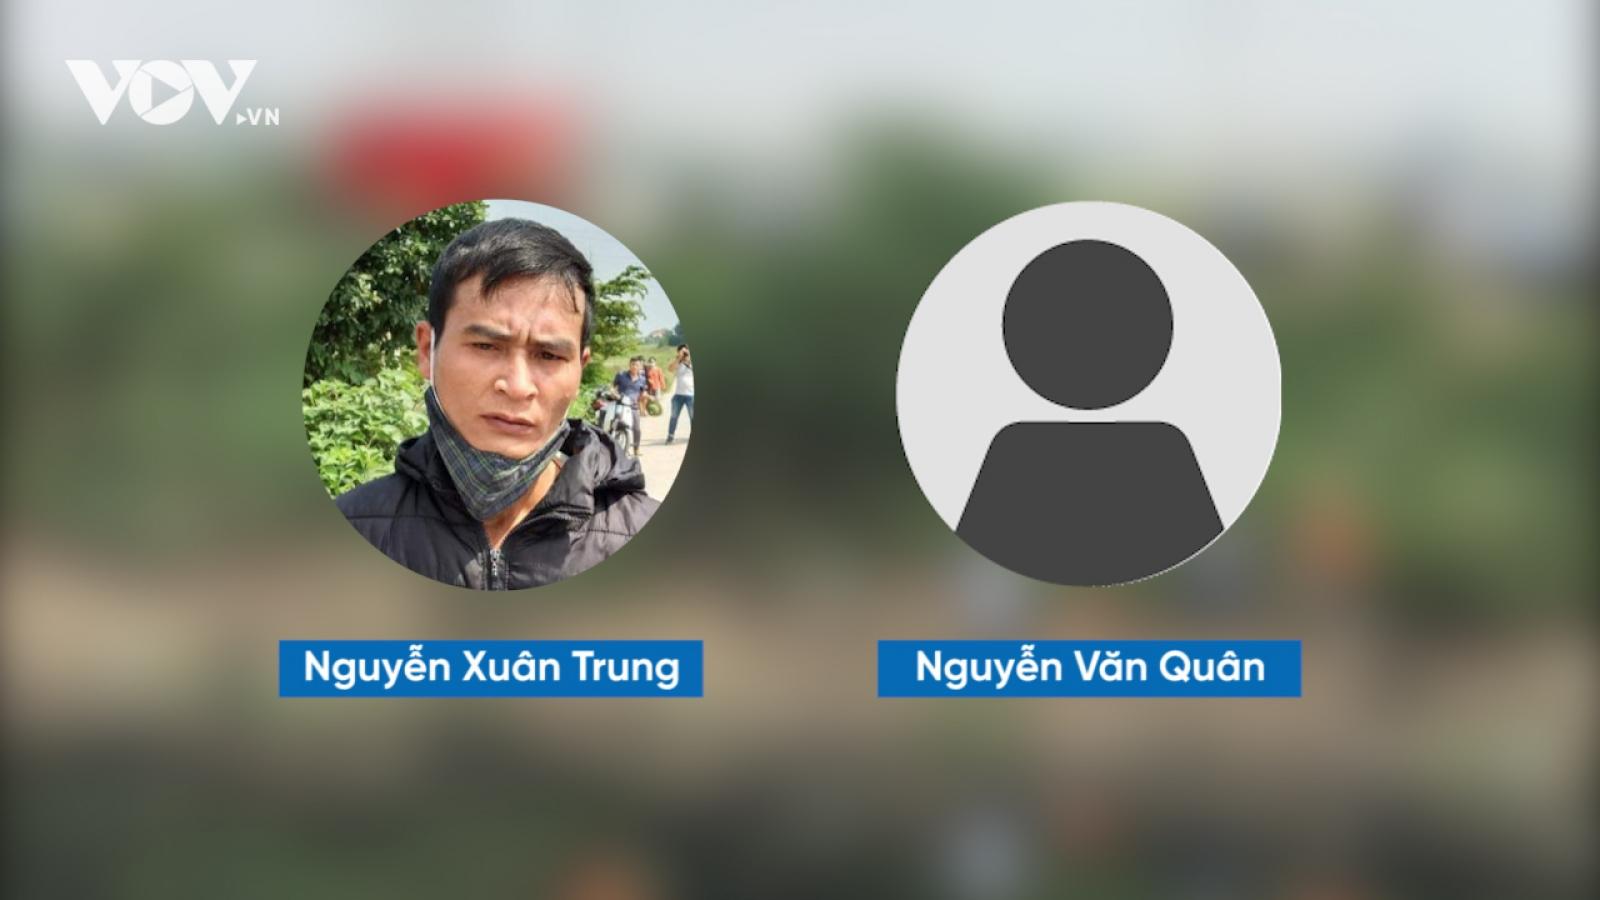 Nữ sinh Học viện Ngân hàng bị hai kẻ nghiện ma túy đẩy xuống sông Nhuệ, dìm đến tử vong